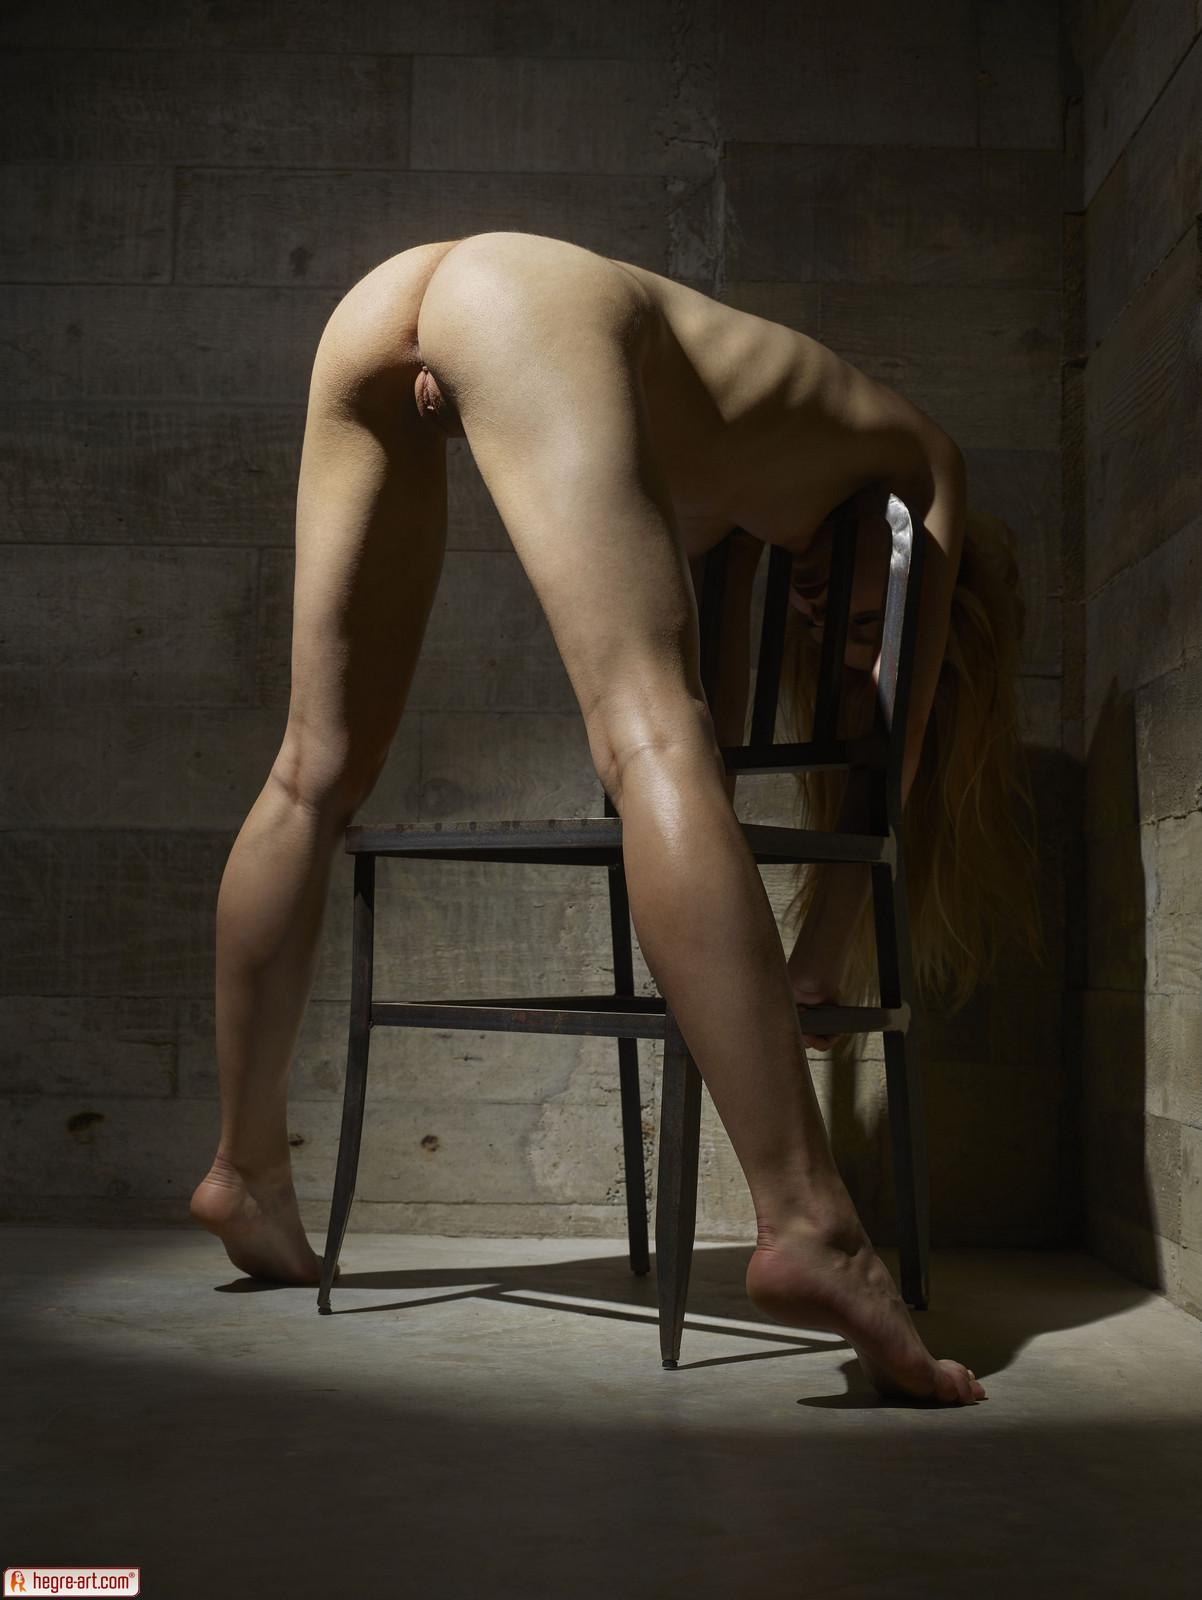 Zdjęcie porno - 1218 - Modelka na drewnianym krześle